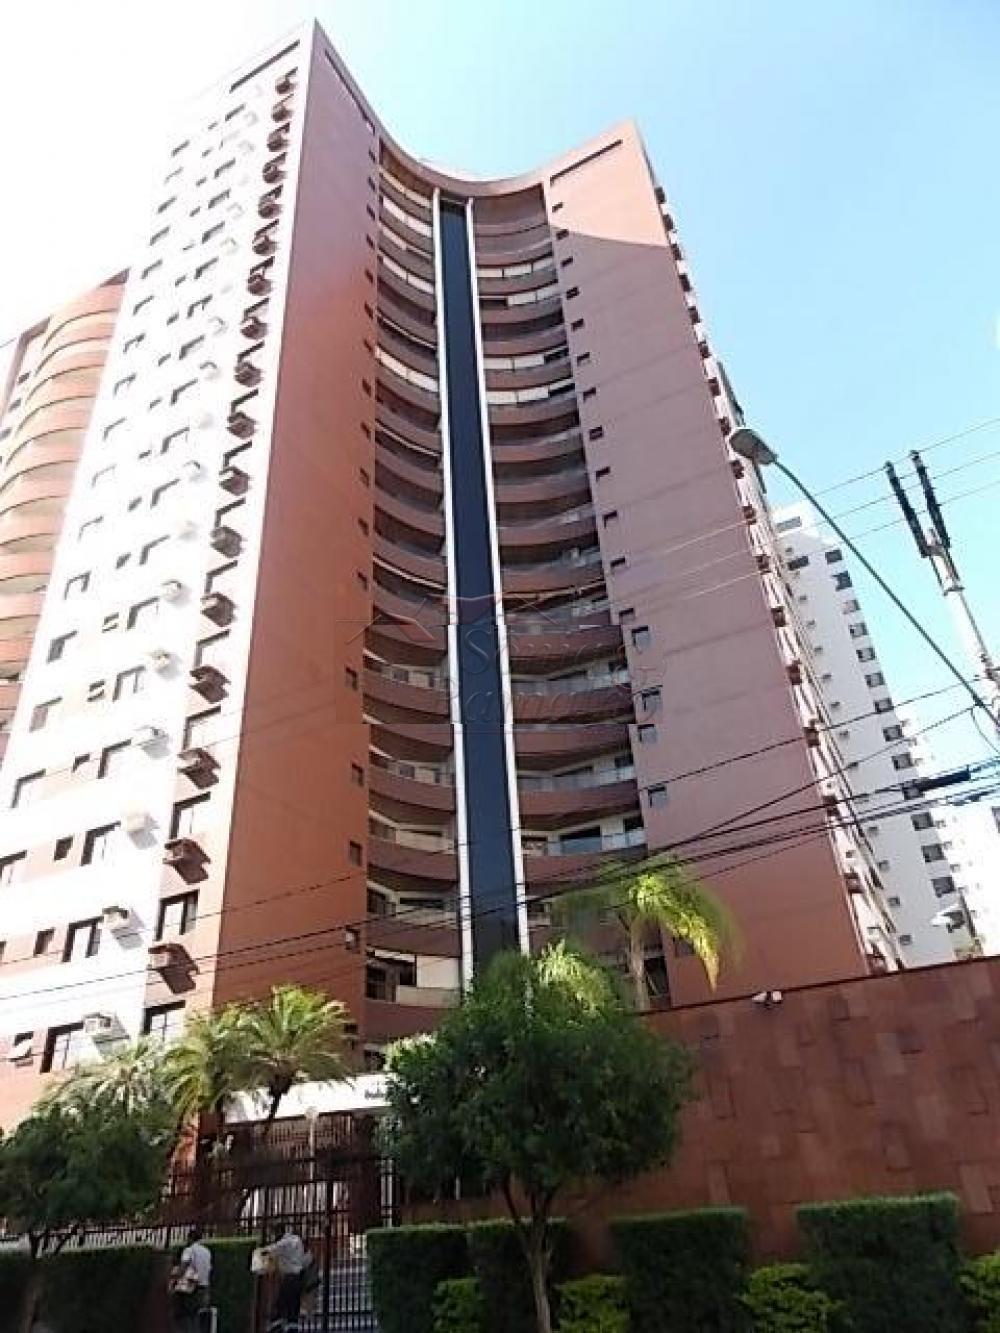 Alugar Apartamentos / Padrão em Ribeirão Preto apenas R$ 2.500,00 - Foto 1